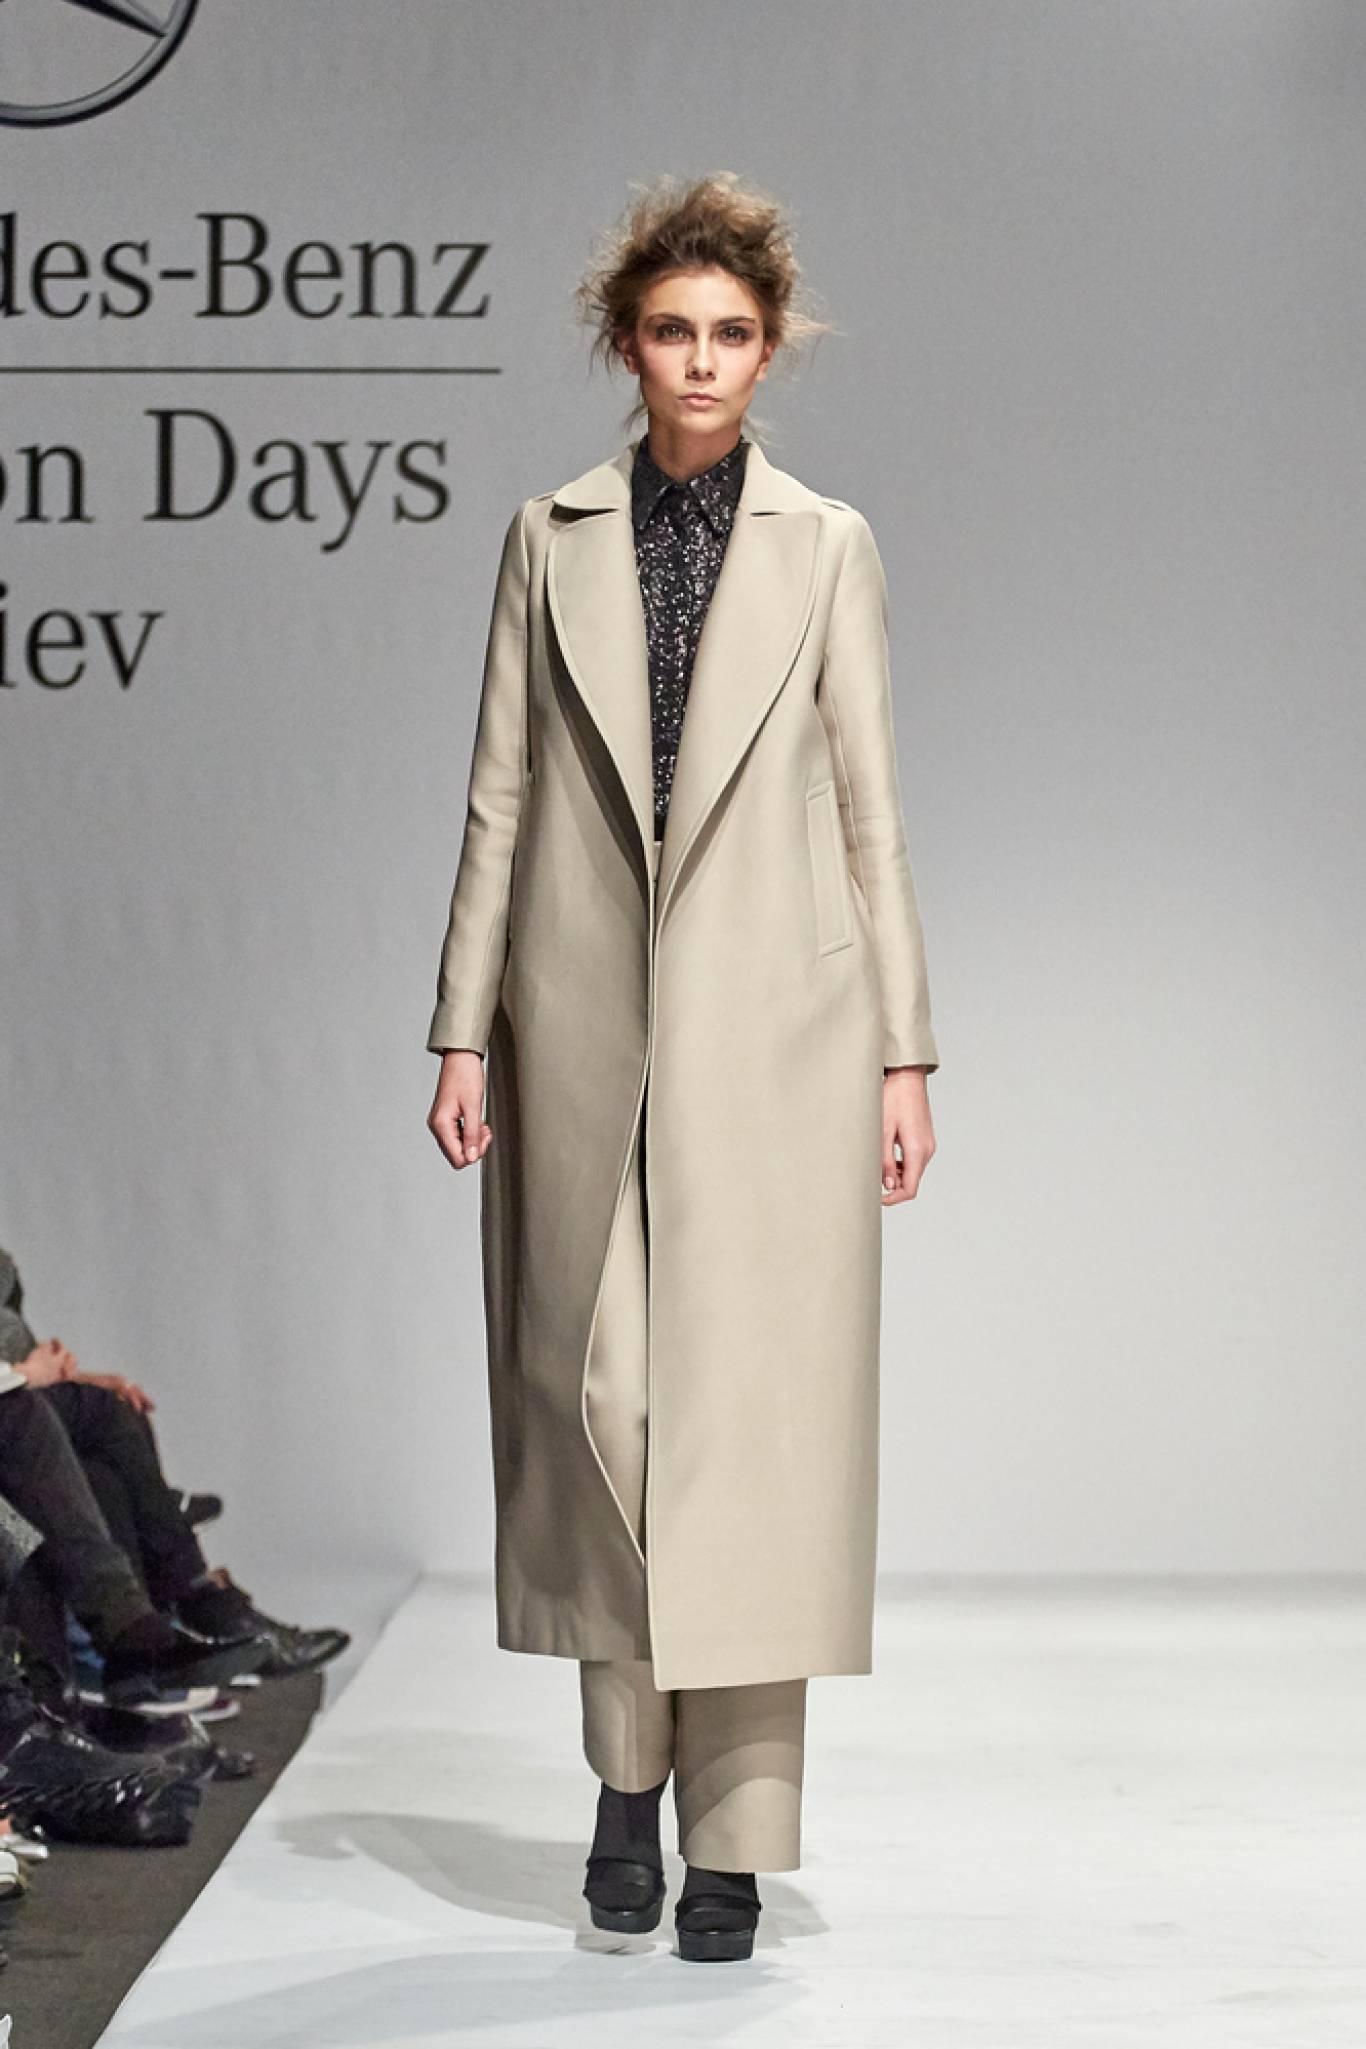 Тиждень моди Mercedes-Benz Kiev Fashion Days